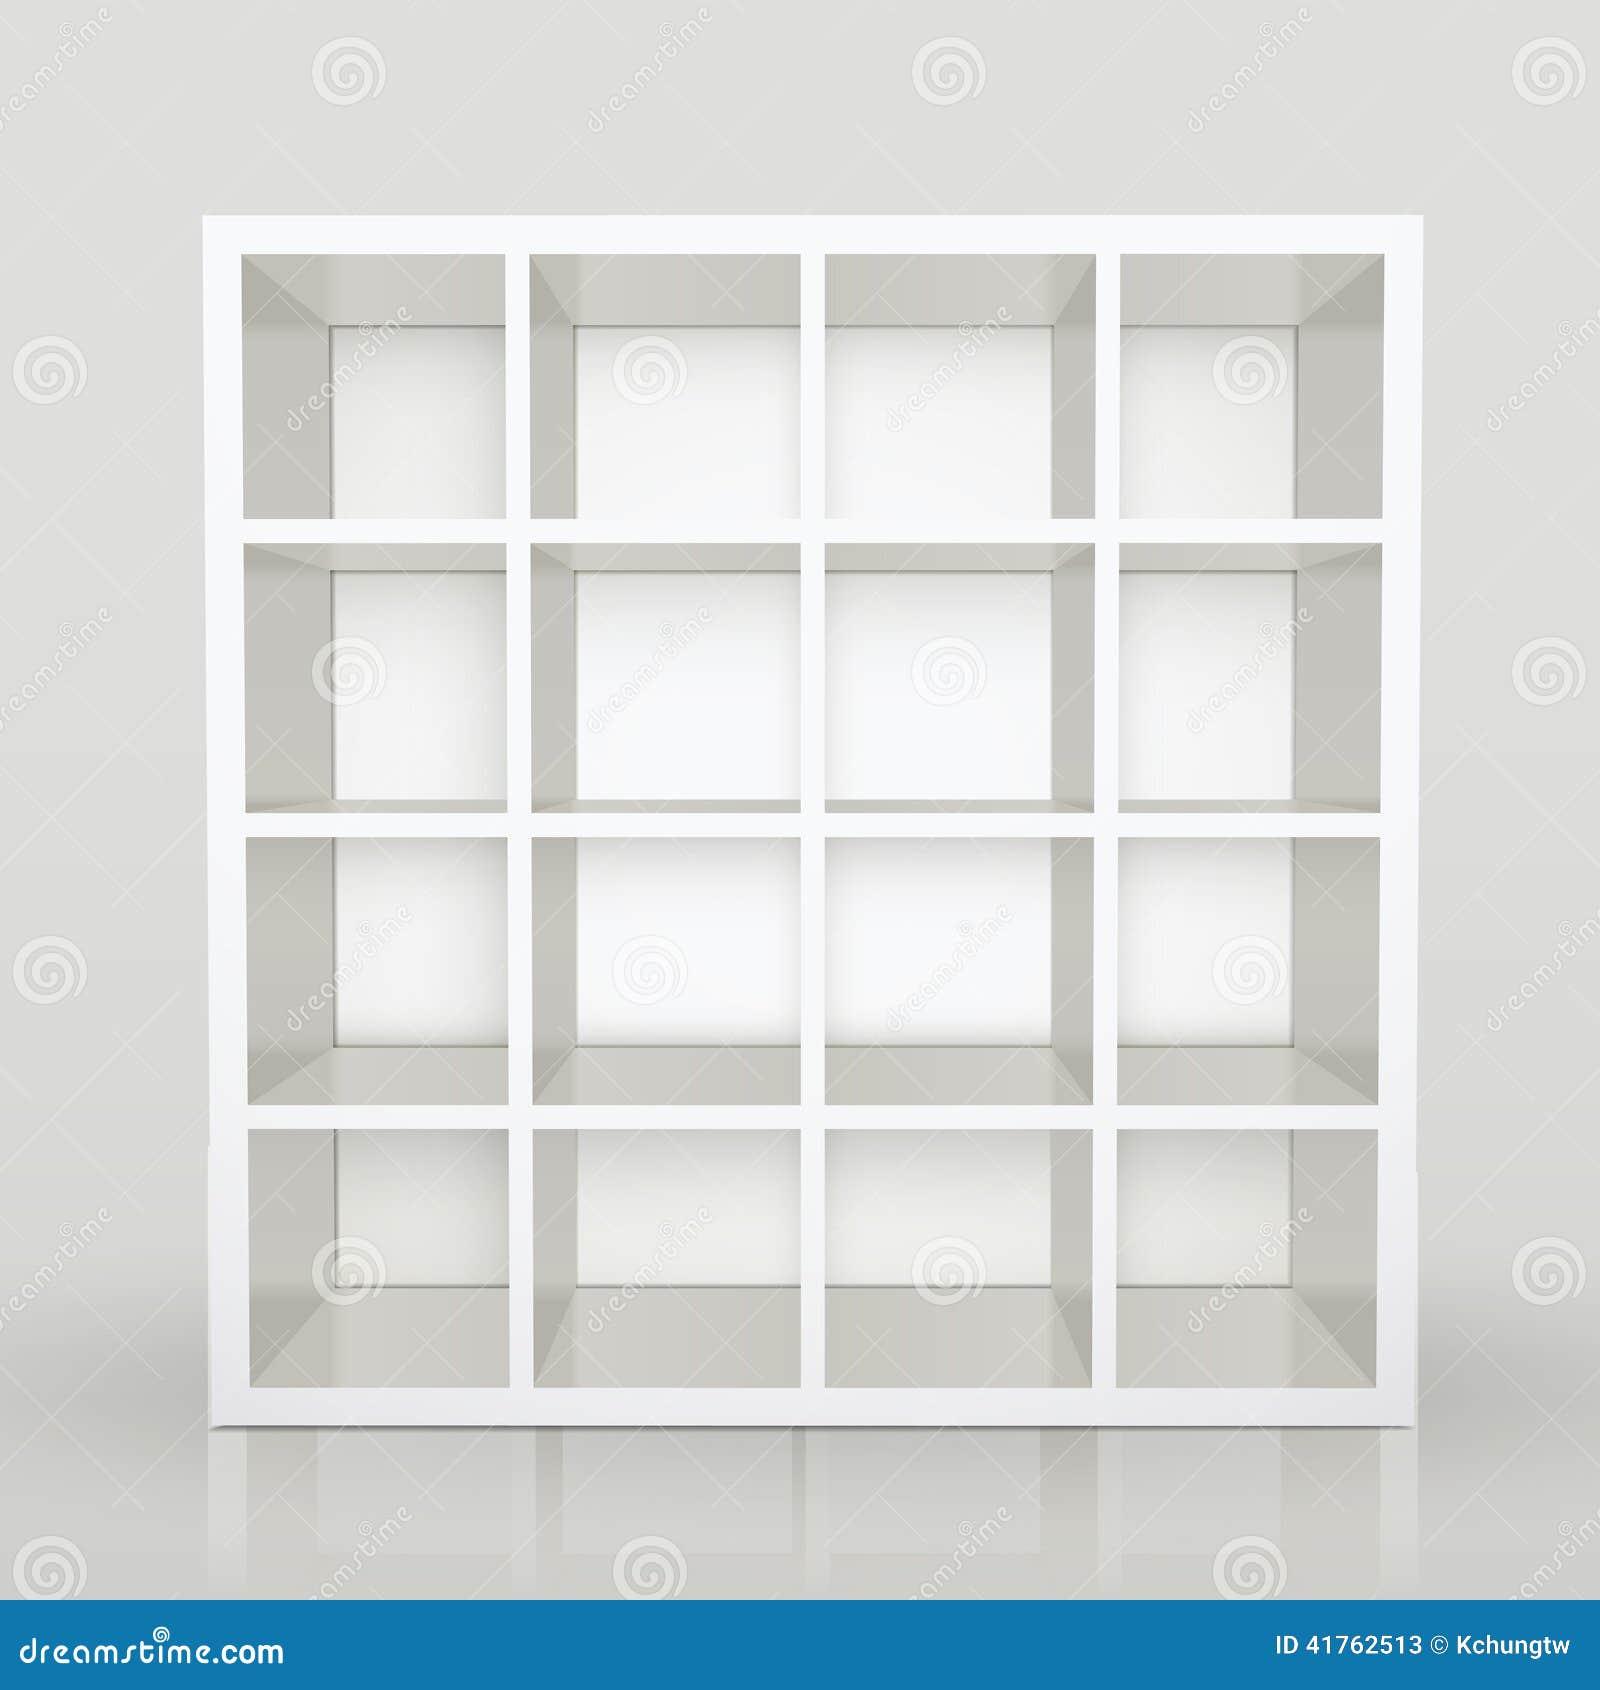 estantes vacos biblioteca en blanco del estante para libros fotos de archivo